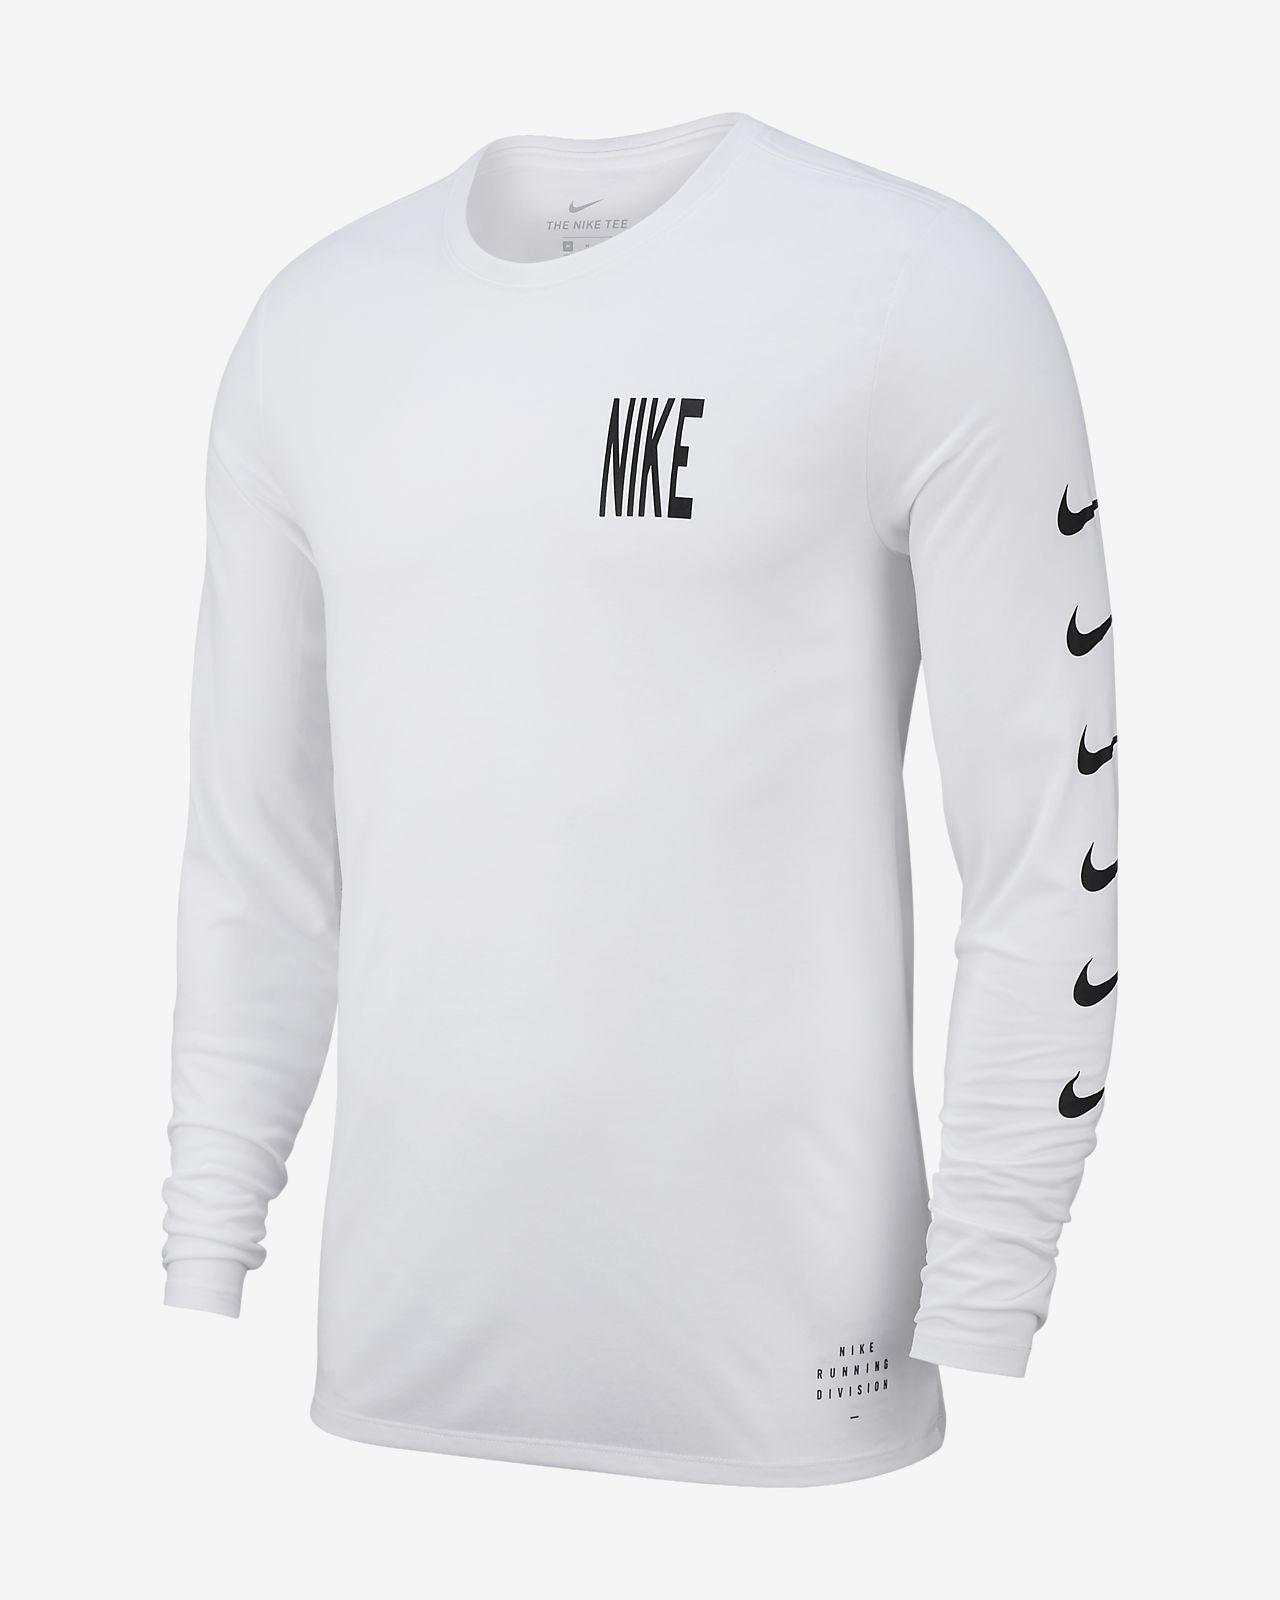 เสื้อยืดวิ่งแขนยาวผู้ชาย Nike Dri-FIT